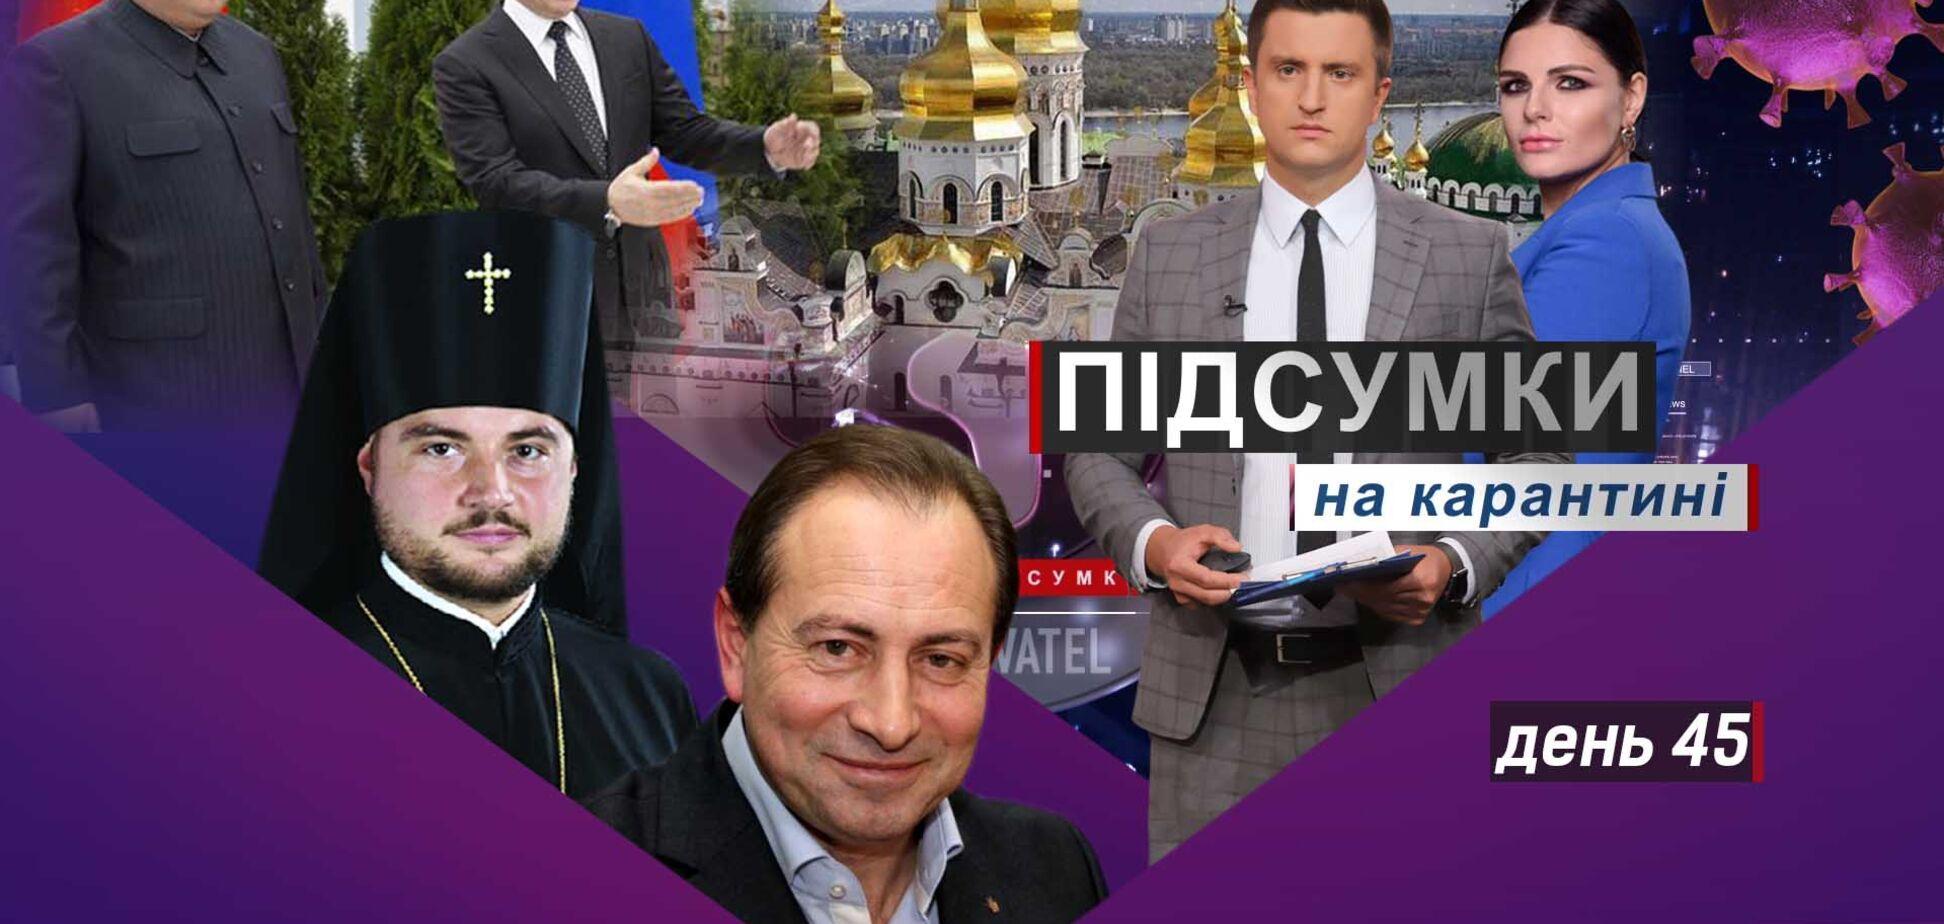 Вернуть Лавру Украины! Итоги на карантине. День 45